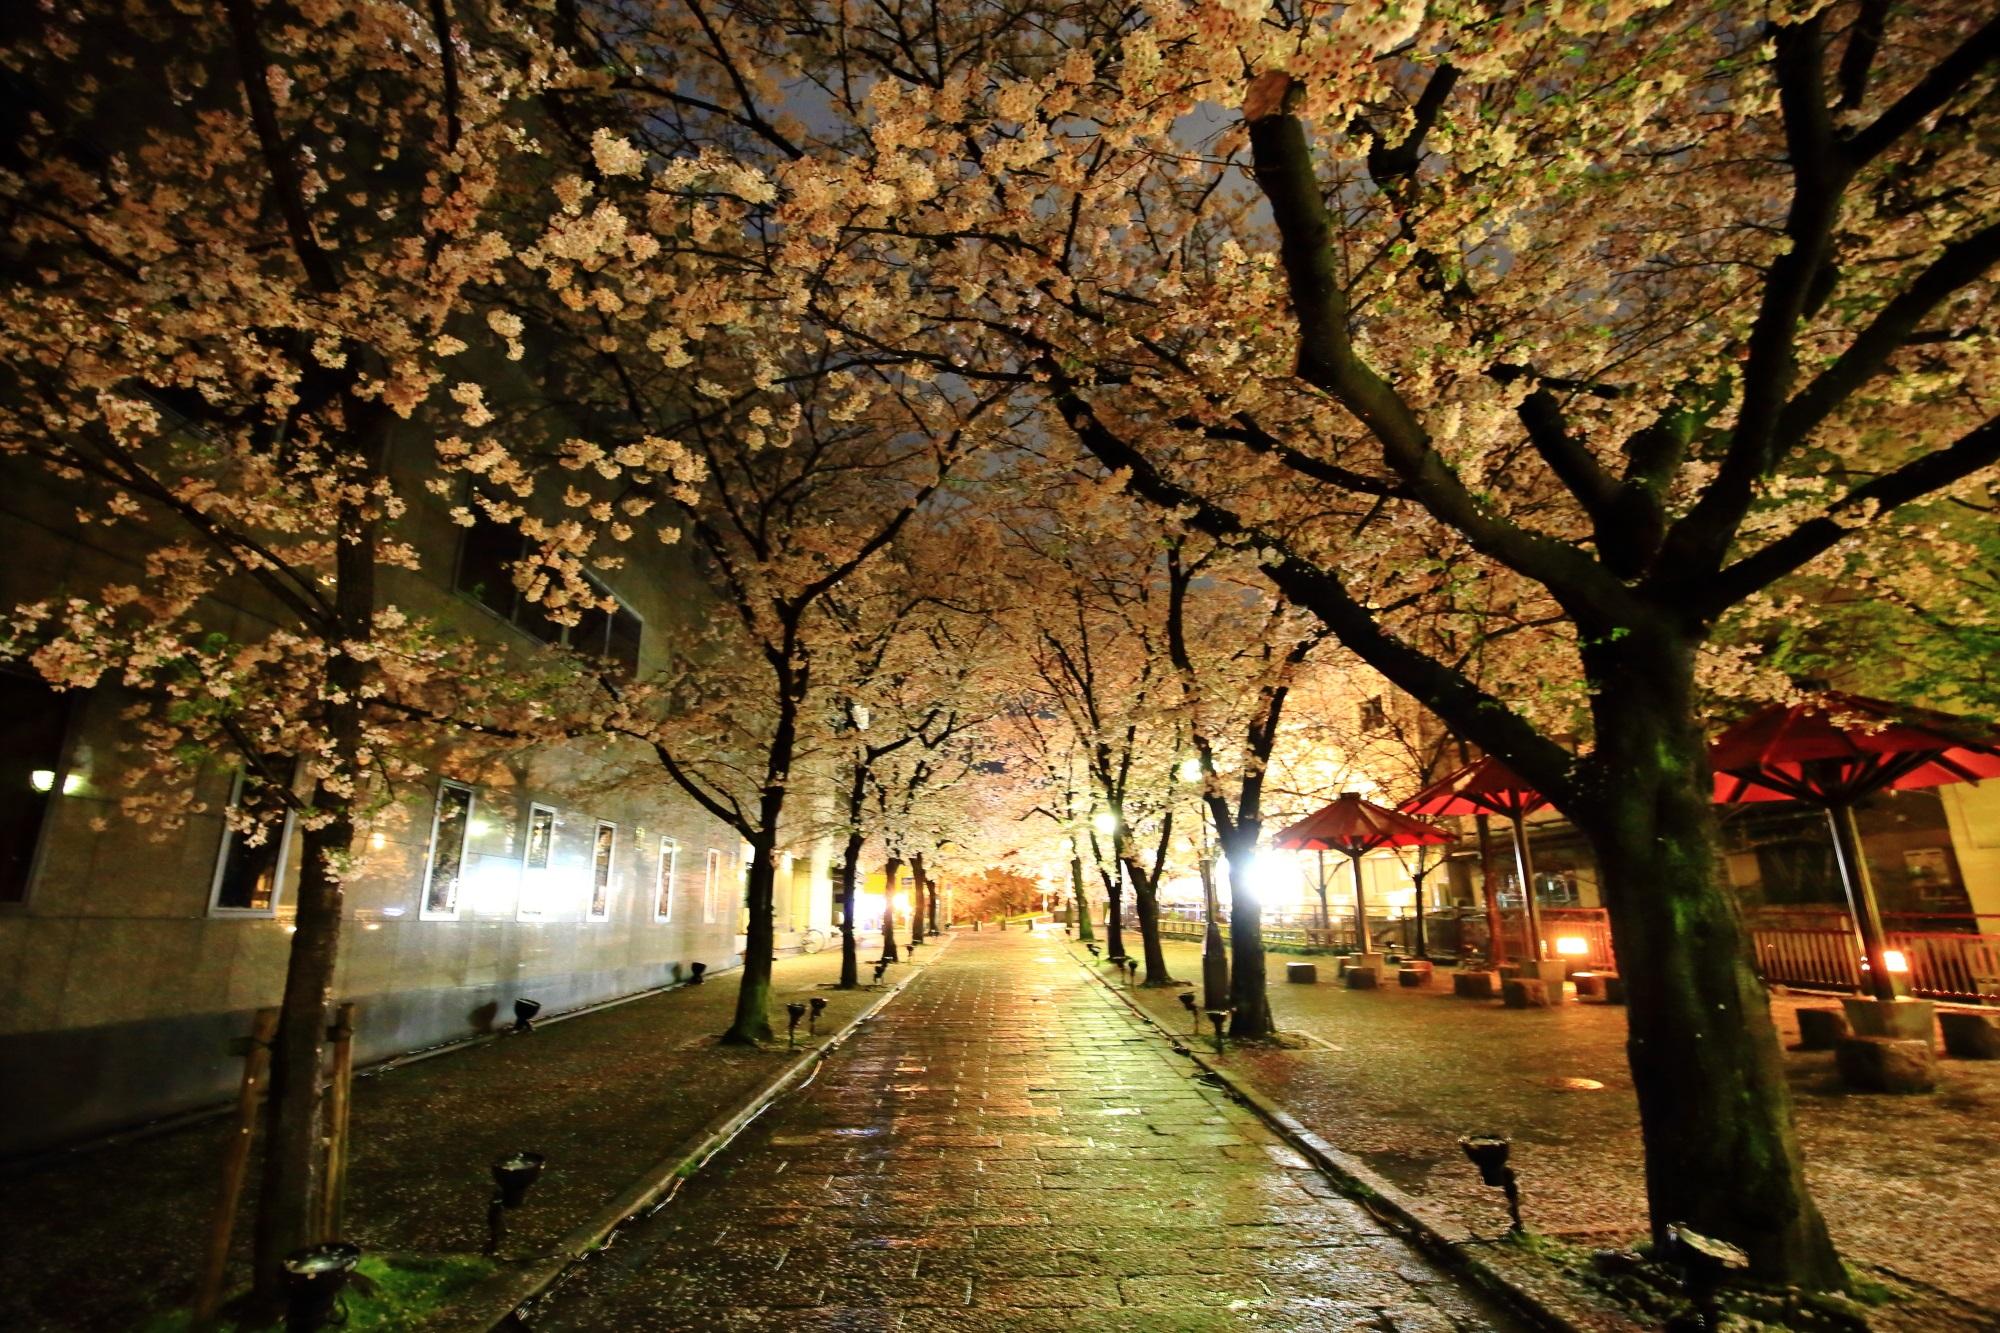 桜の名所の祇園白川の夜明け前の満開の桜